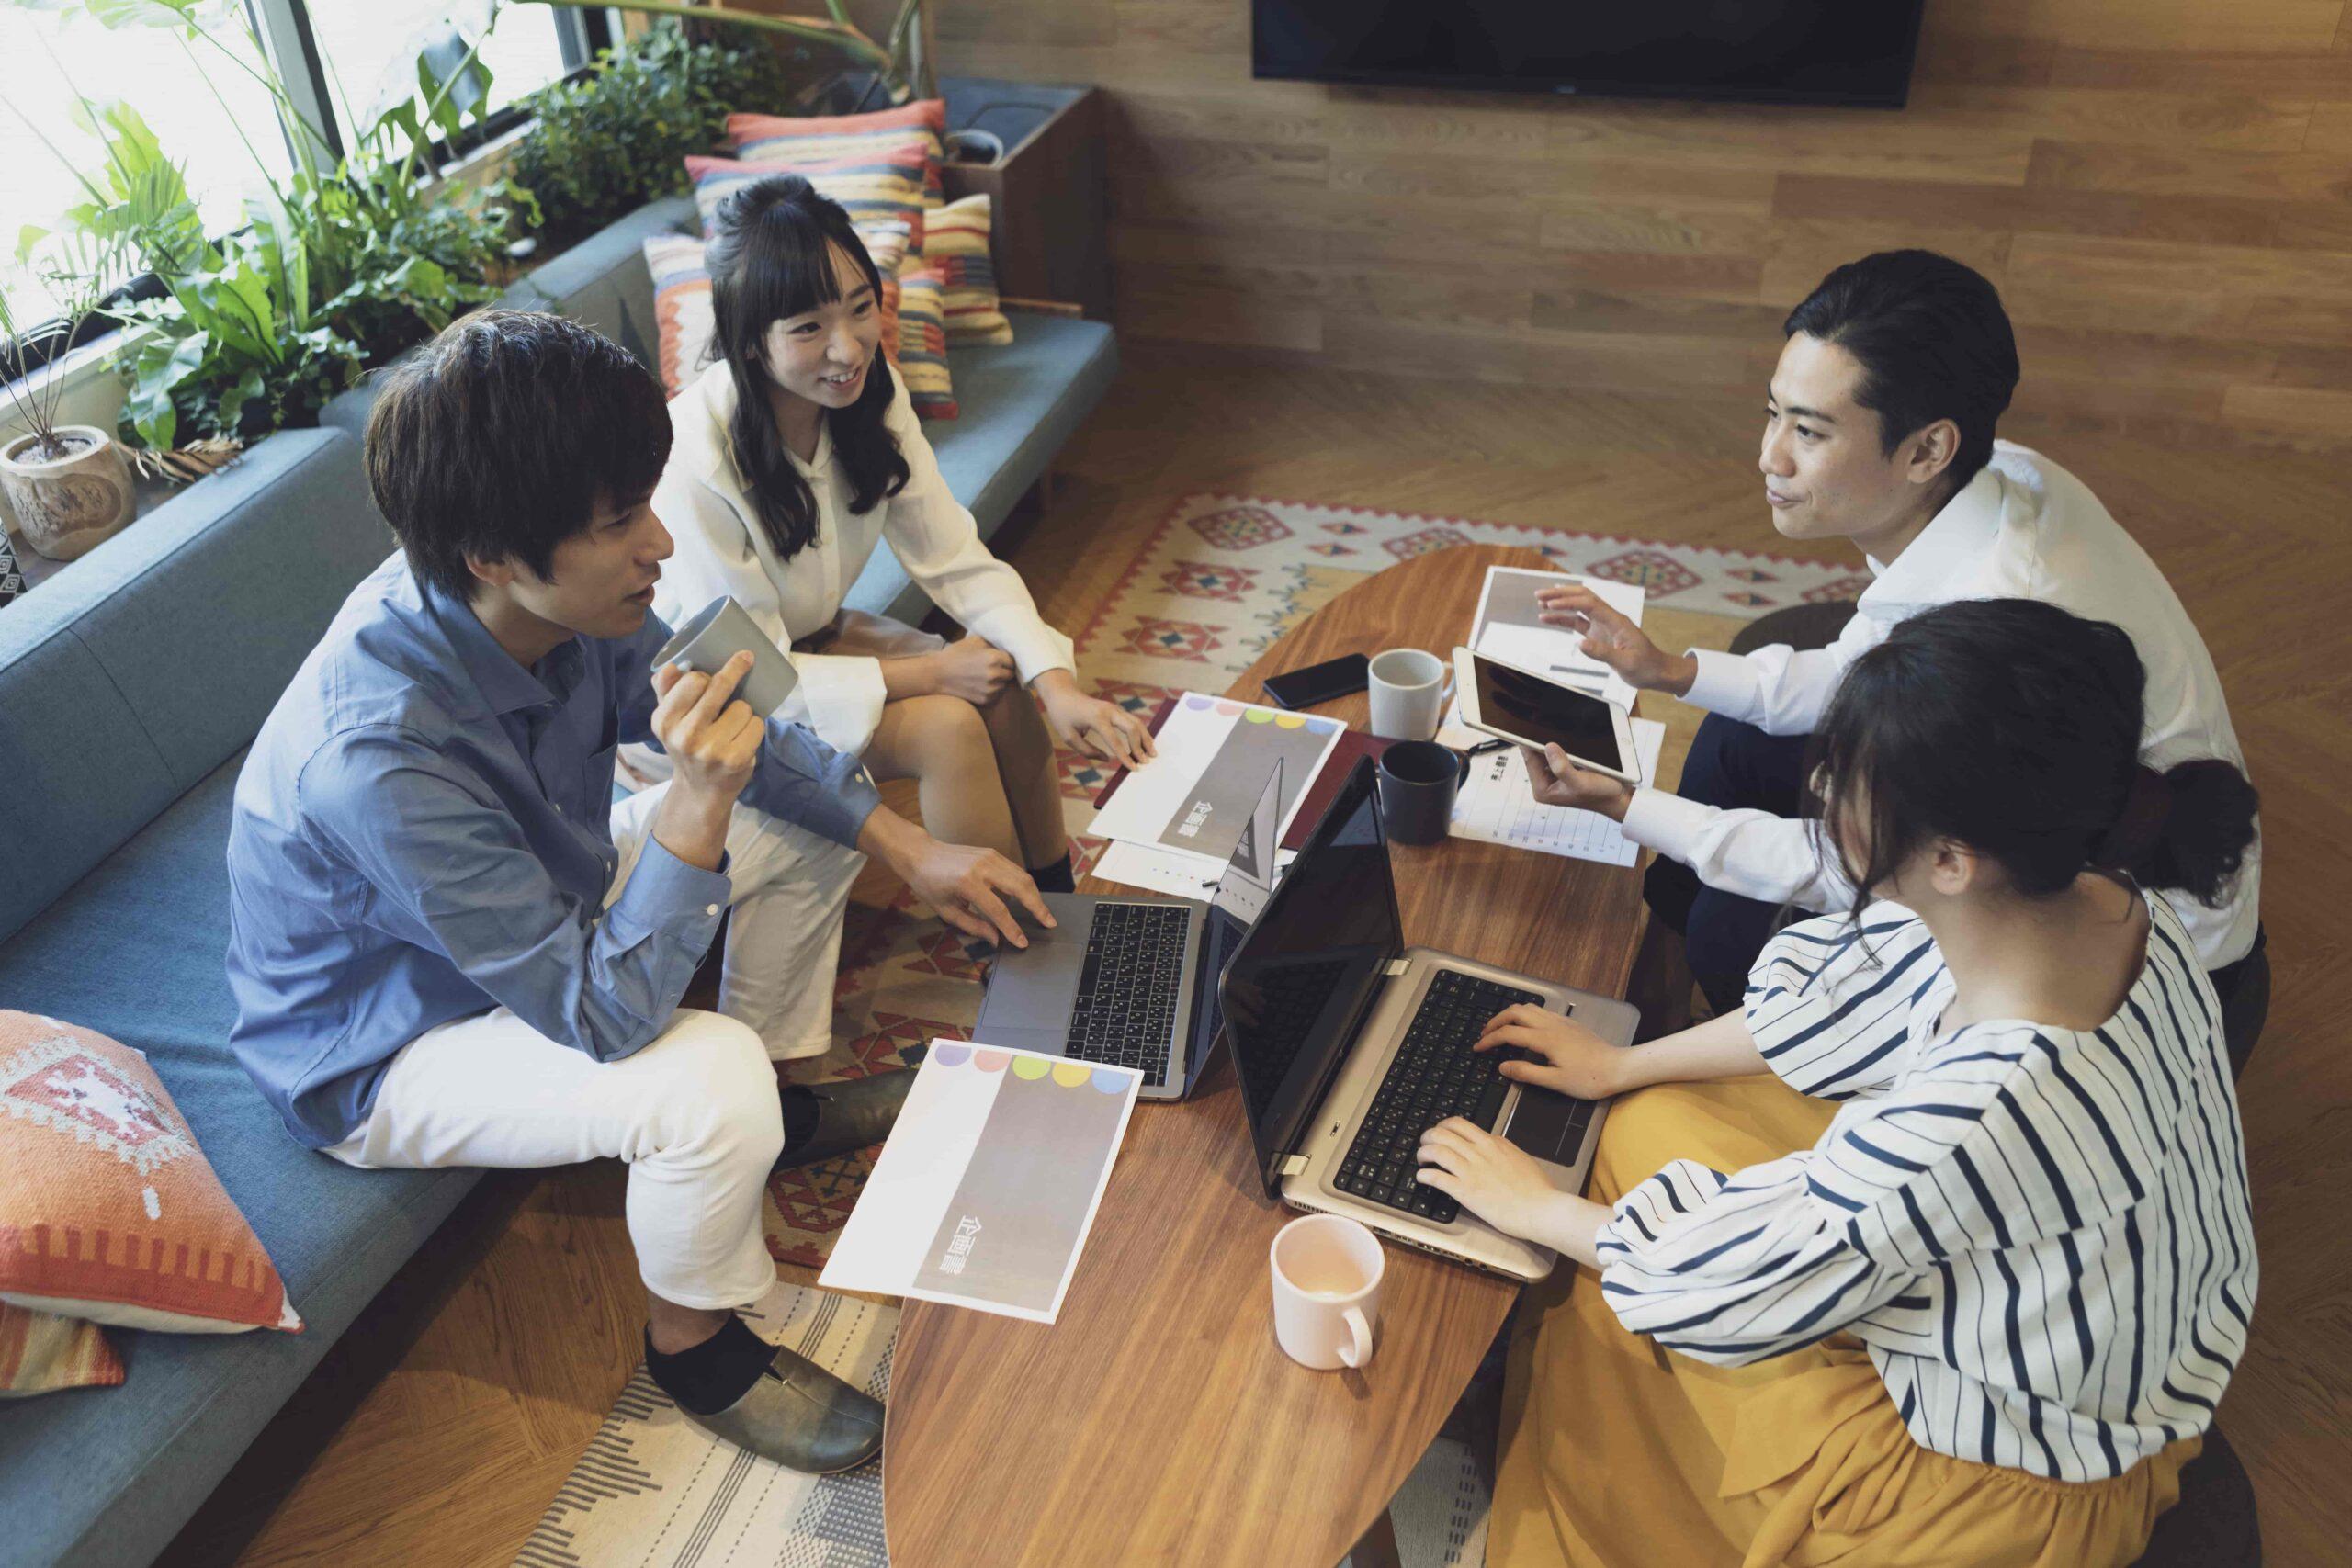 トレンディなオフィスデザインの共通点②重要な時に集まれる場所としてのオフィス